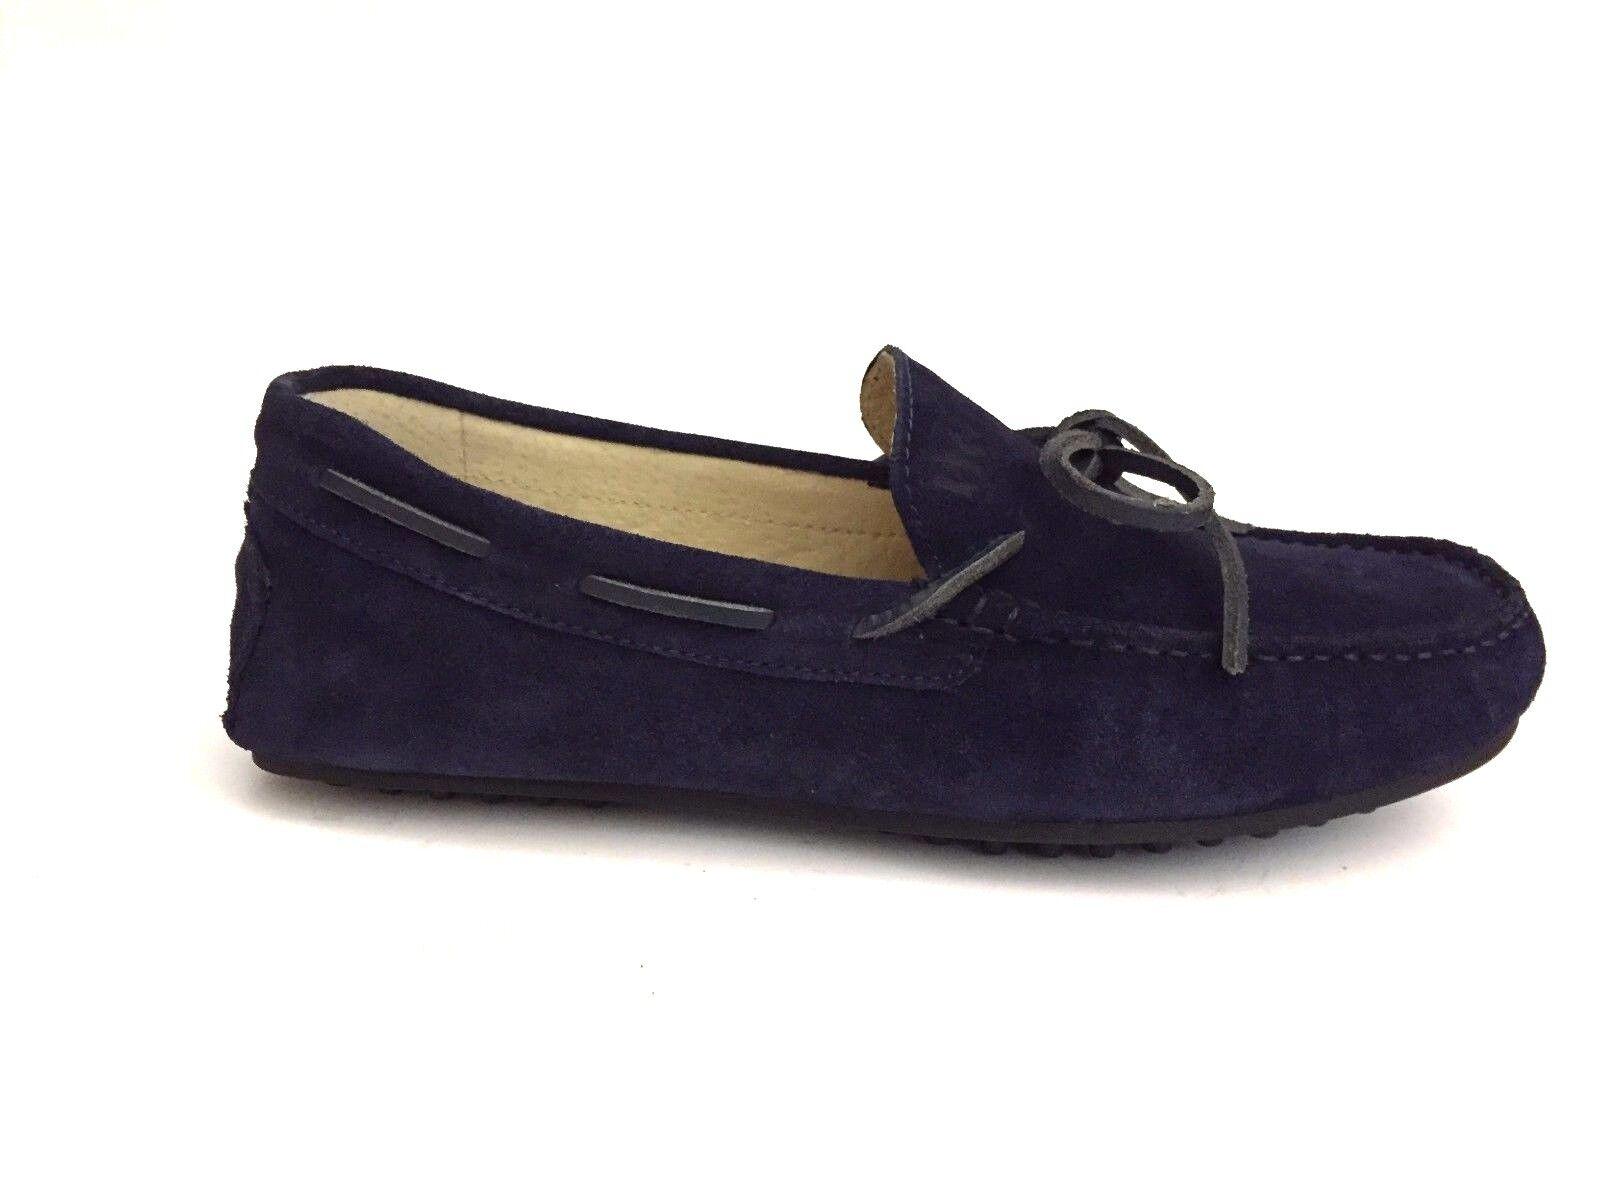 shoes men LUMBERJACK SHOES MOCASSINI SLIP ON ESTORIL NAVY P E SCONTO 30%